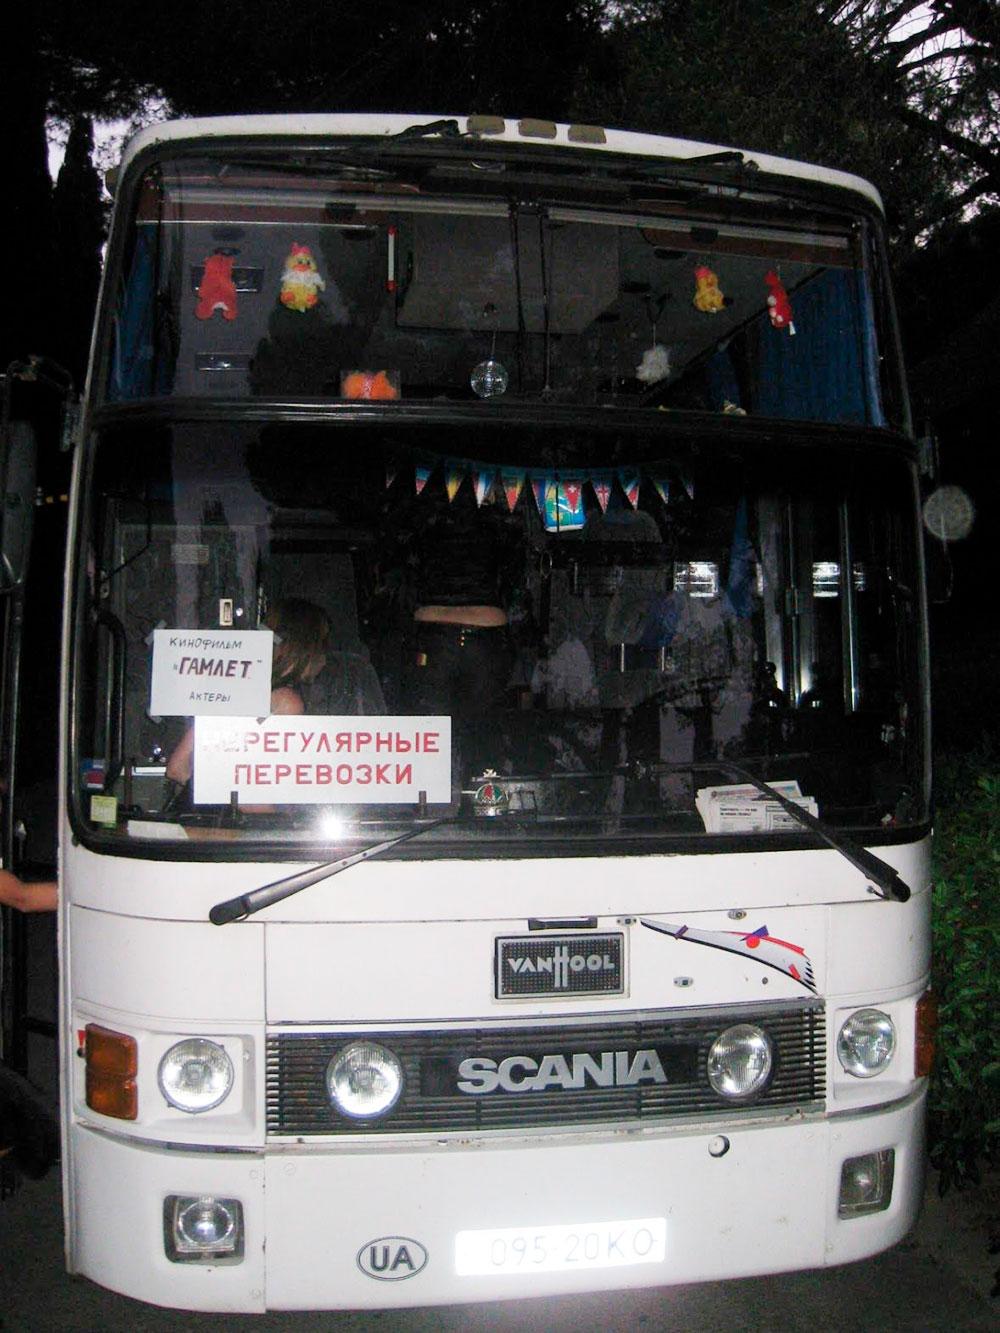 """Автобус, на котором массовку возили до места съемок и обратно. На лобовом стекле надпись: «Кинофильм """"Гамлет"""", актеры»"""